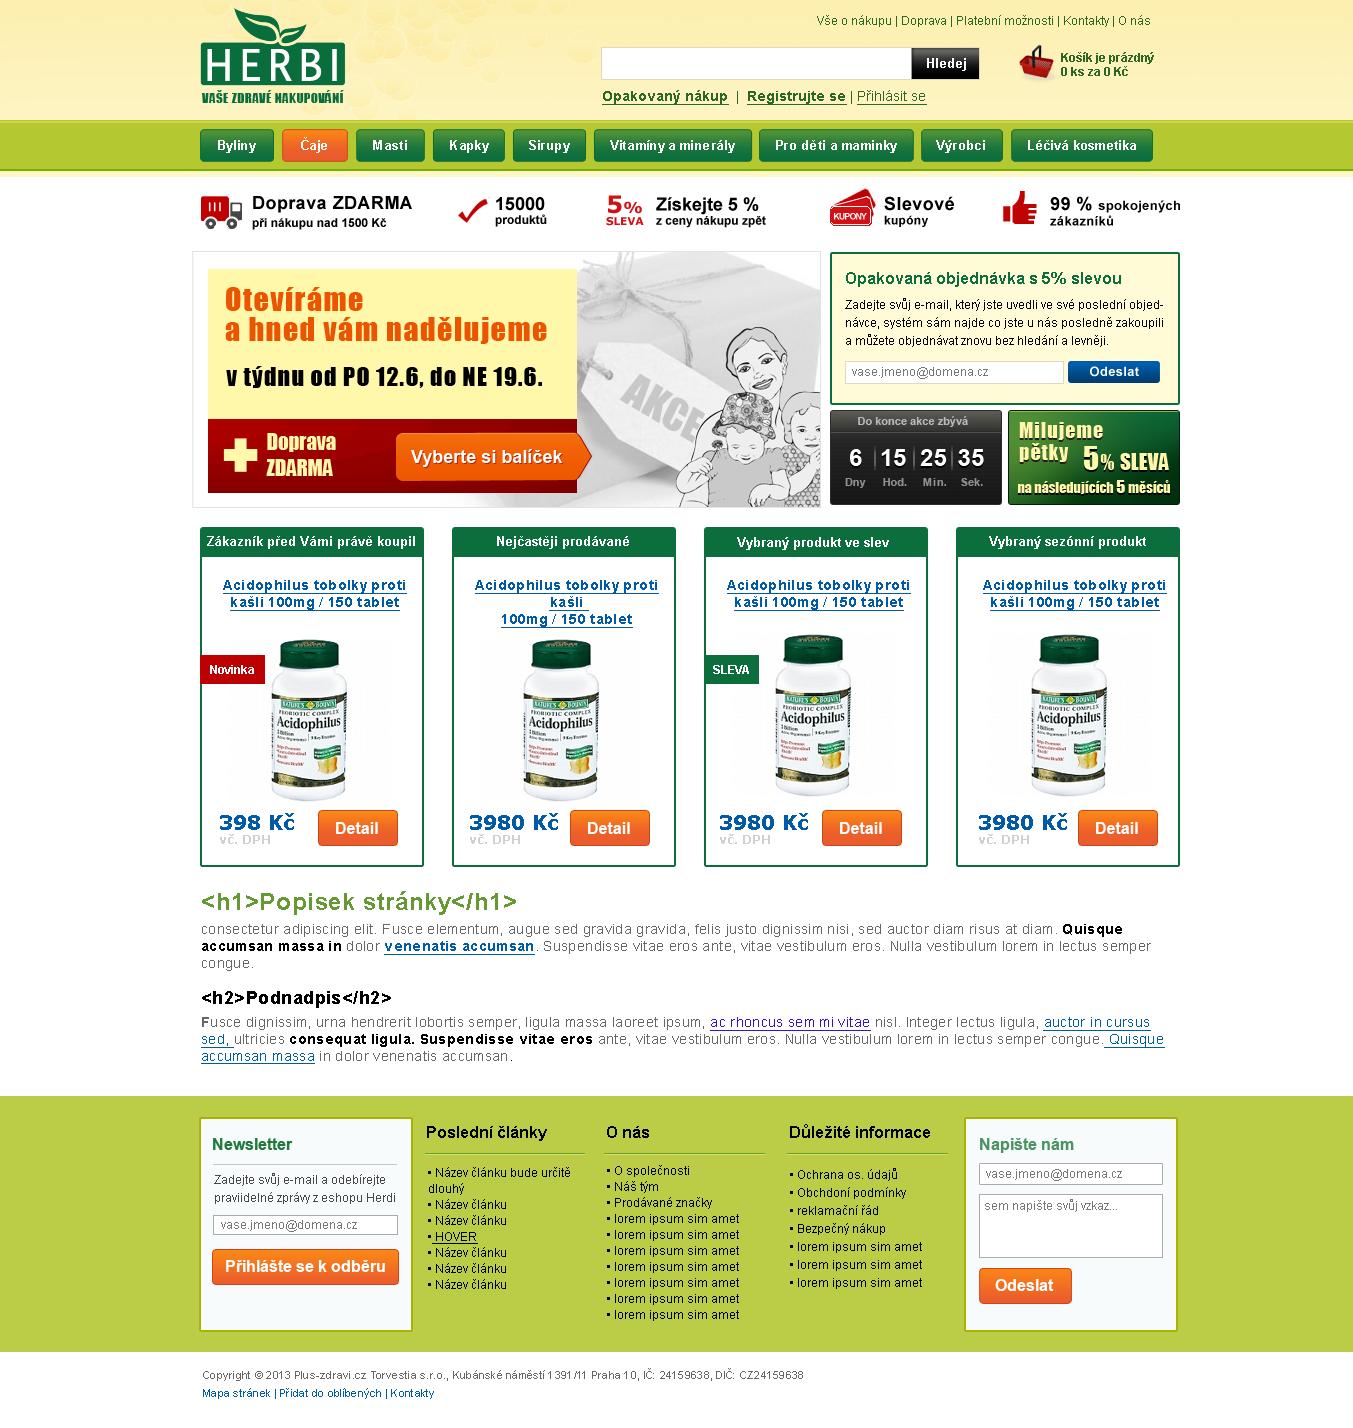 Návrh pro e-shop herbi.cz (2013)